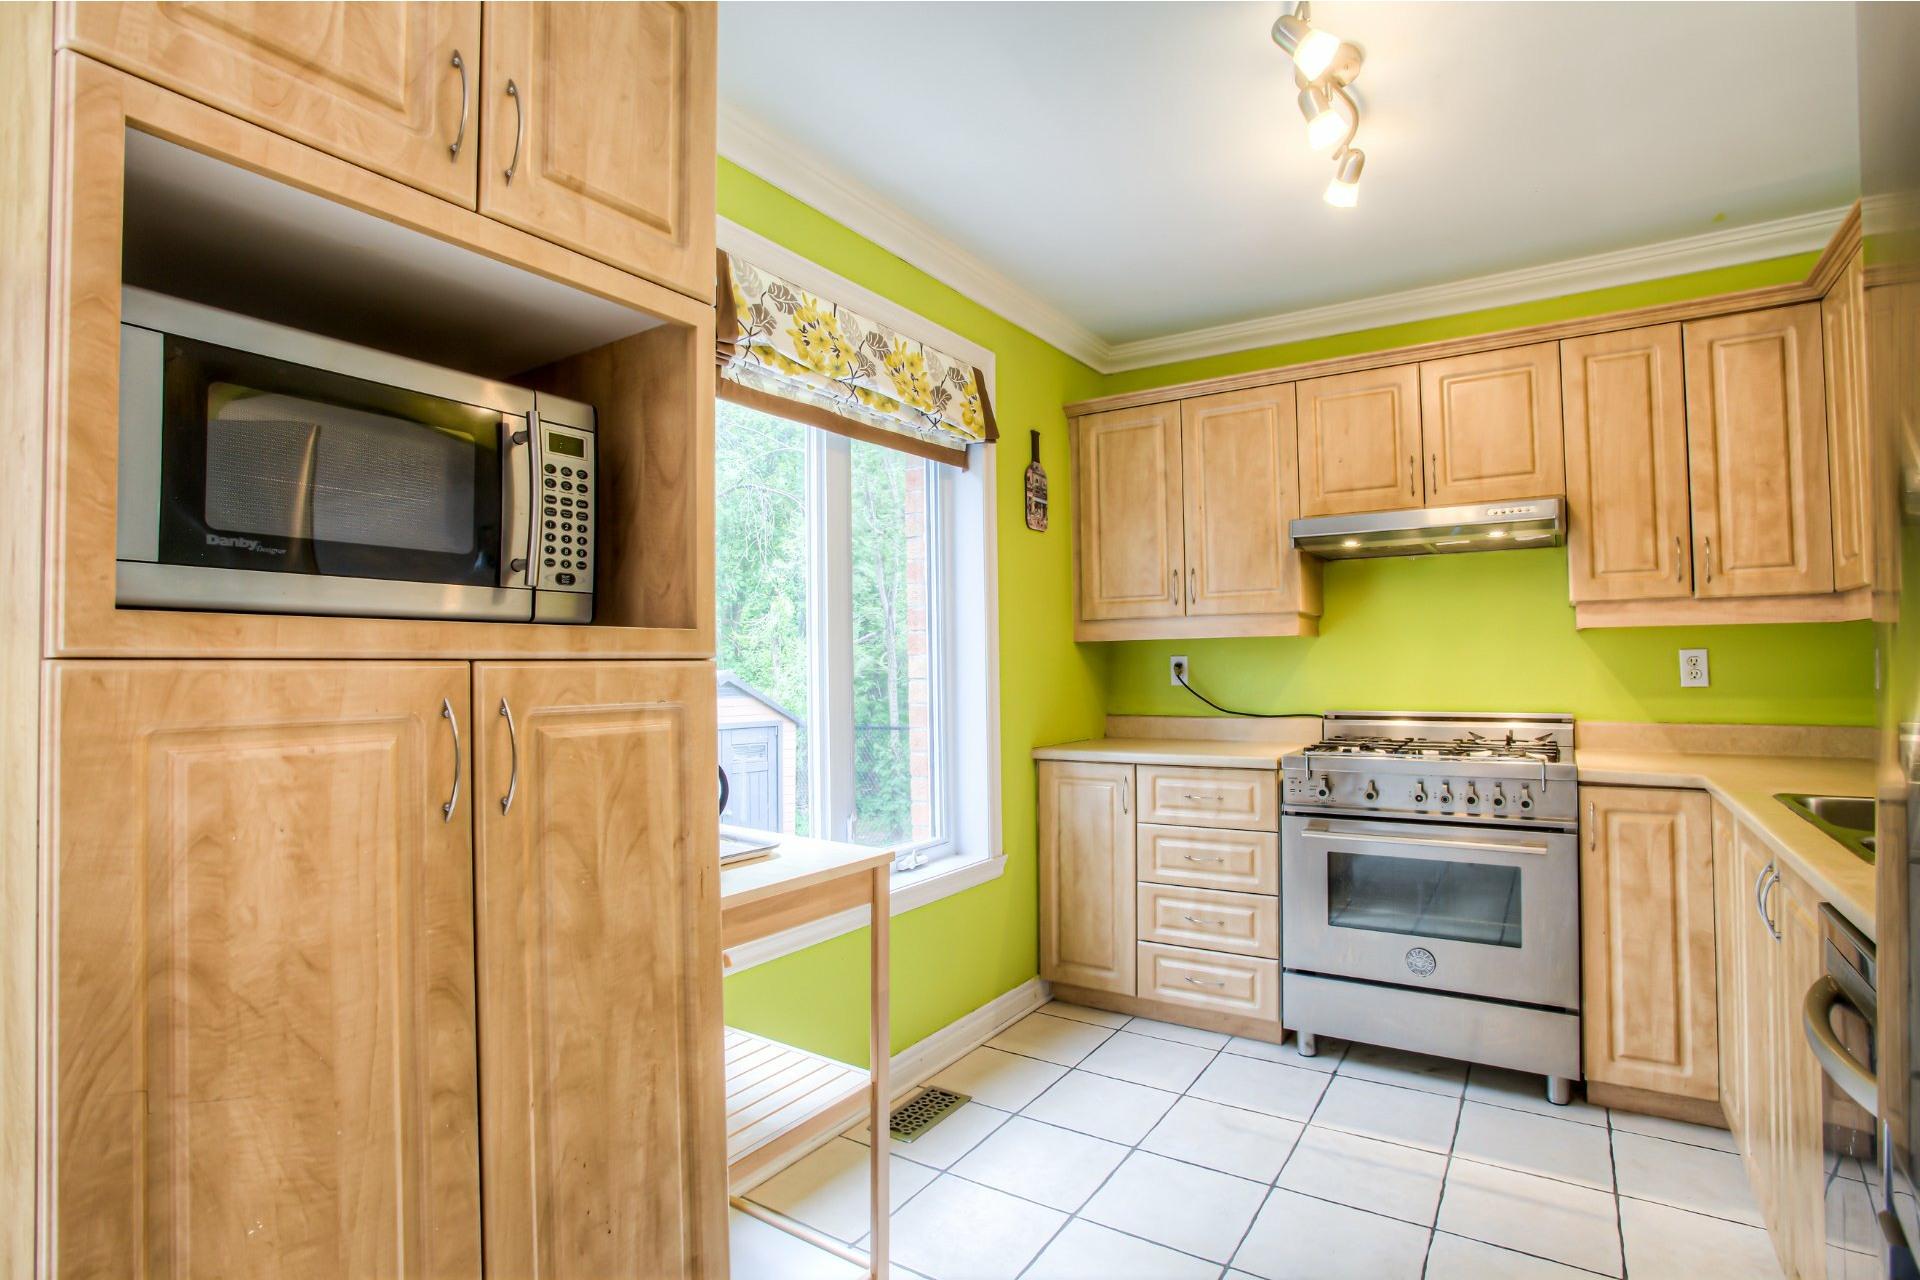 image 11 - Maison À vendre Pierrefonds-Roxboro Montréal  - 11 pièces